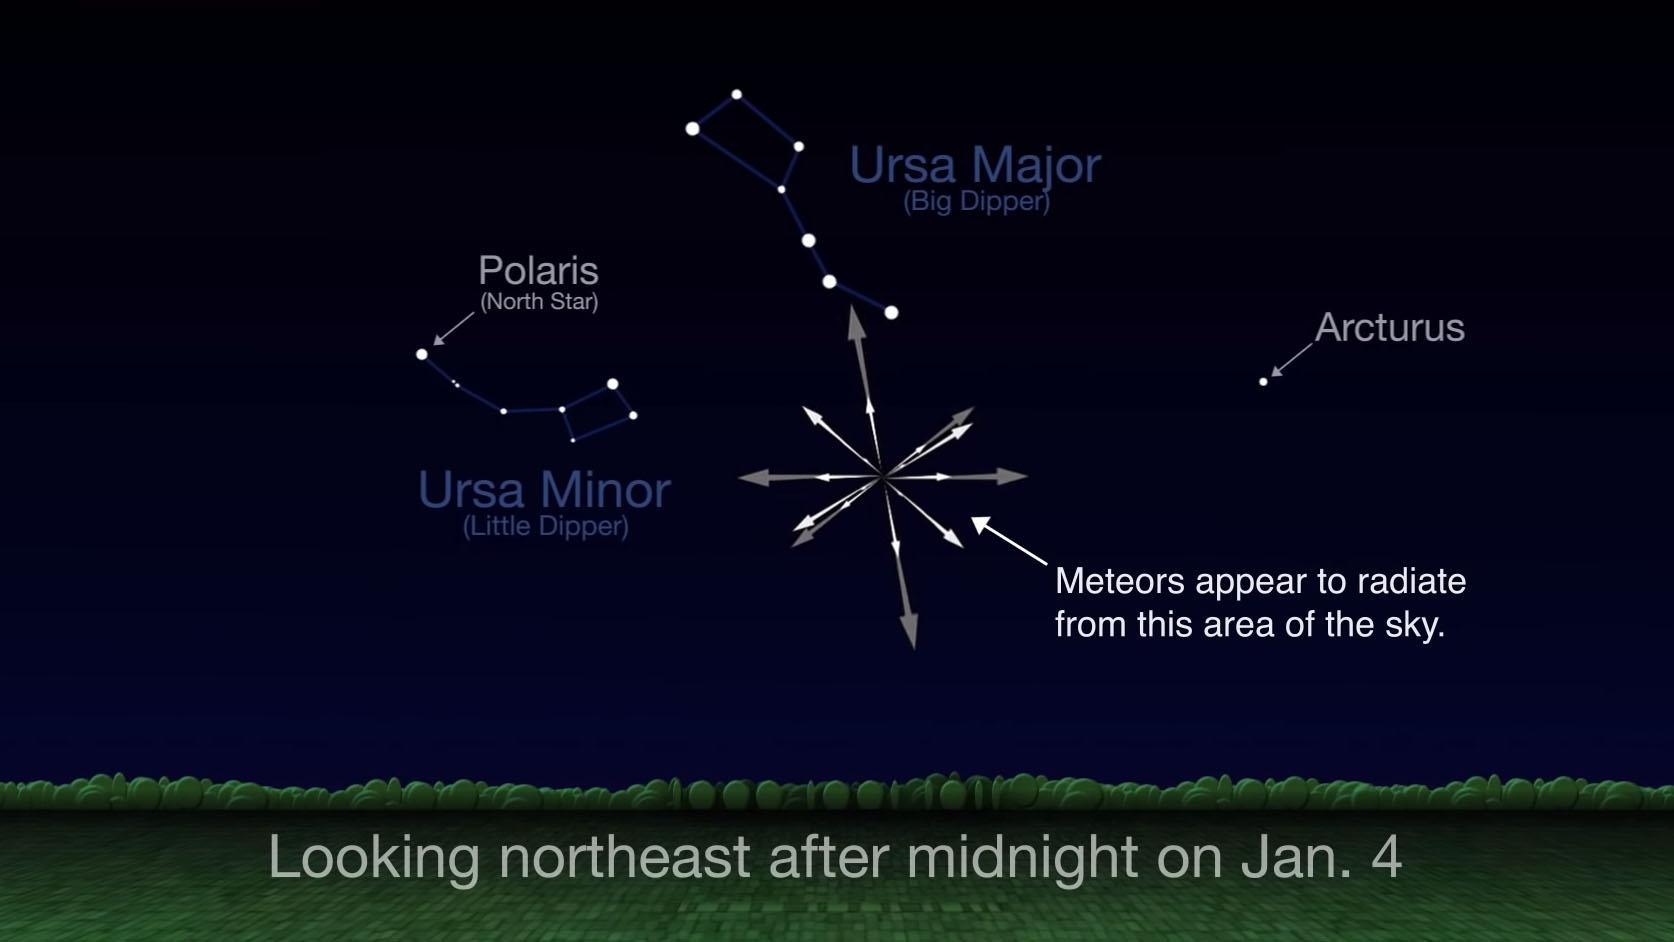 Faites face au nord-est entre minuit et l'aube pour voir jusqu'à deux douzaines de météores par heure sous un ciel sombre. & Nbsp;